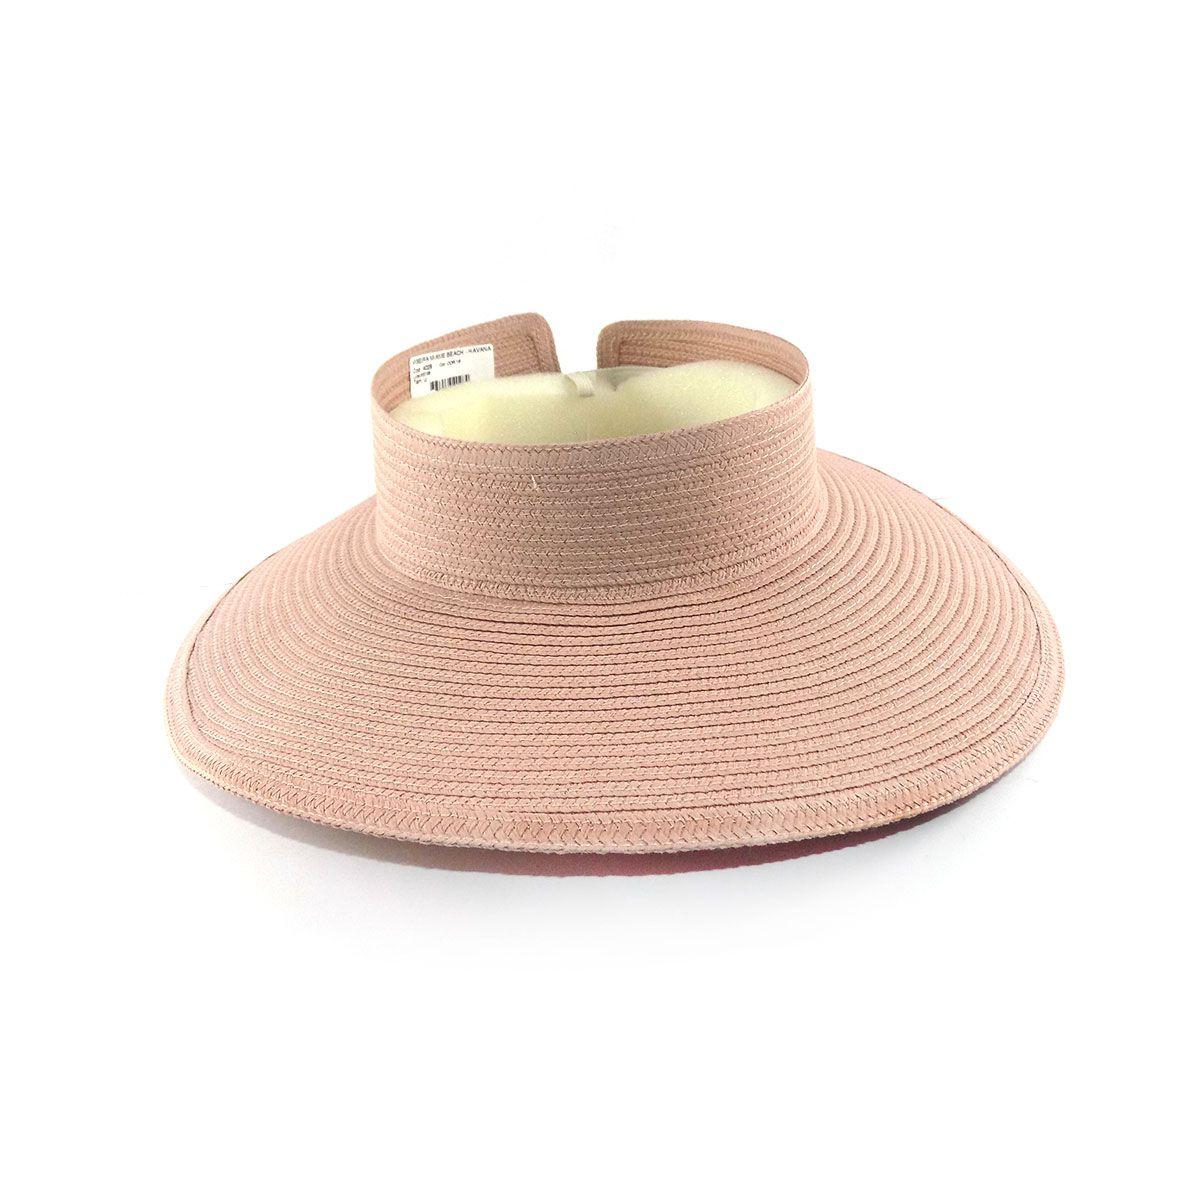 Viseira com proteção UV - FPU+50 - Nude